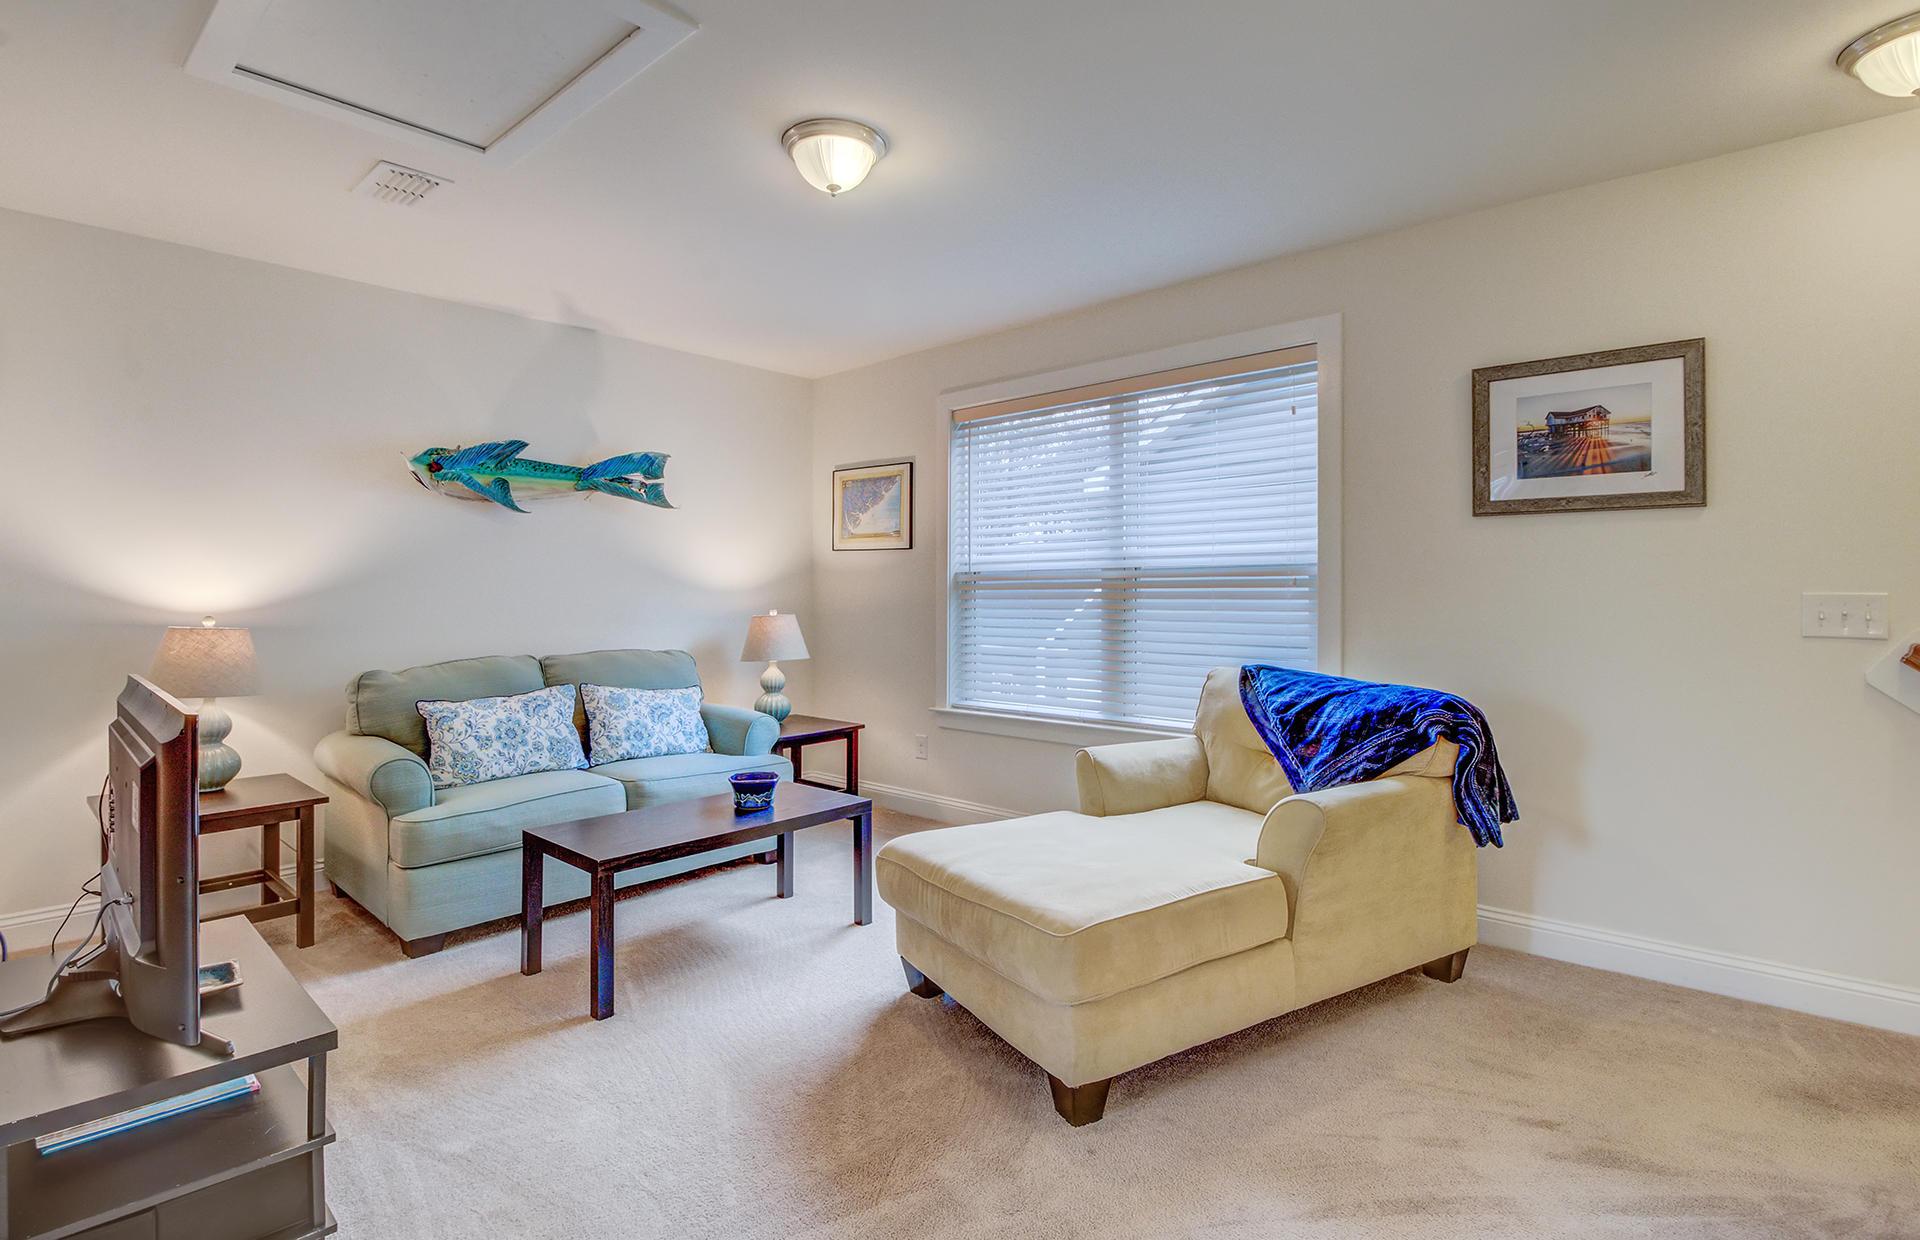 Boltons Landing Homes For Sale - 3143 Moonlight, Charleston, SC - 16